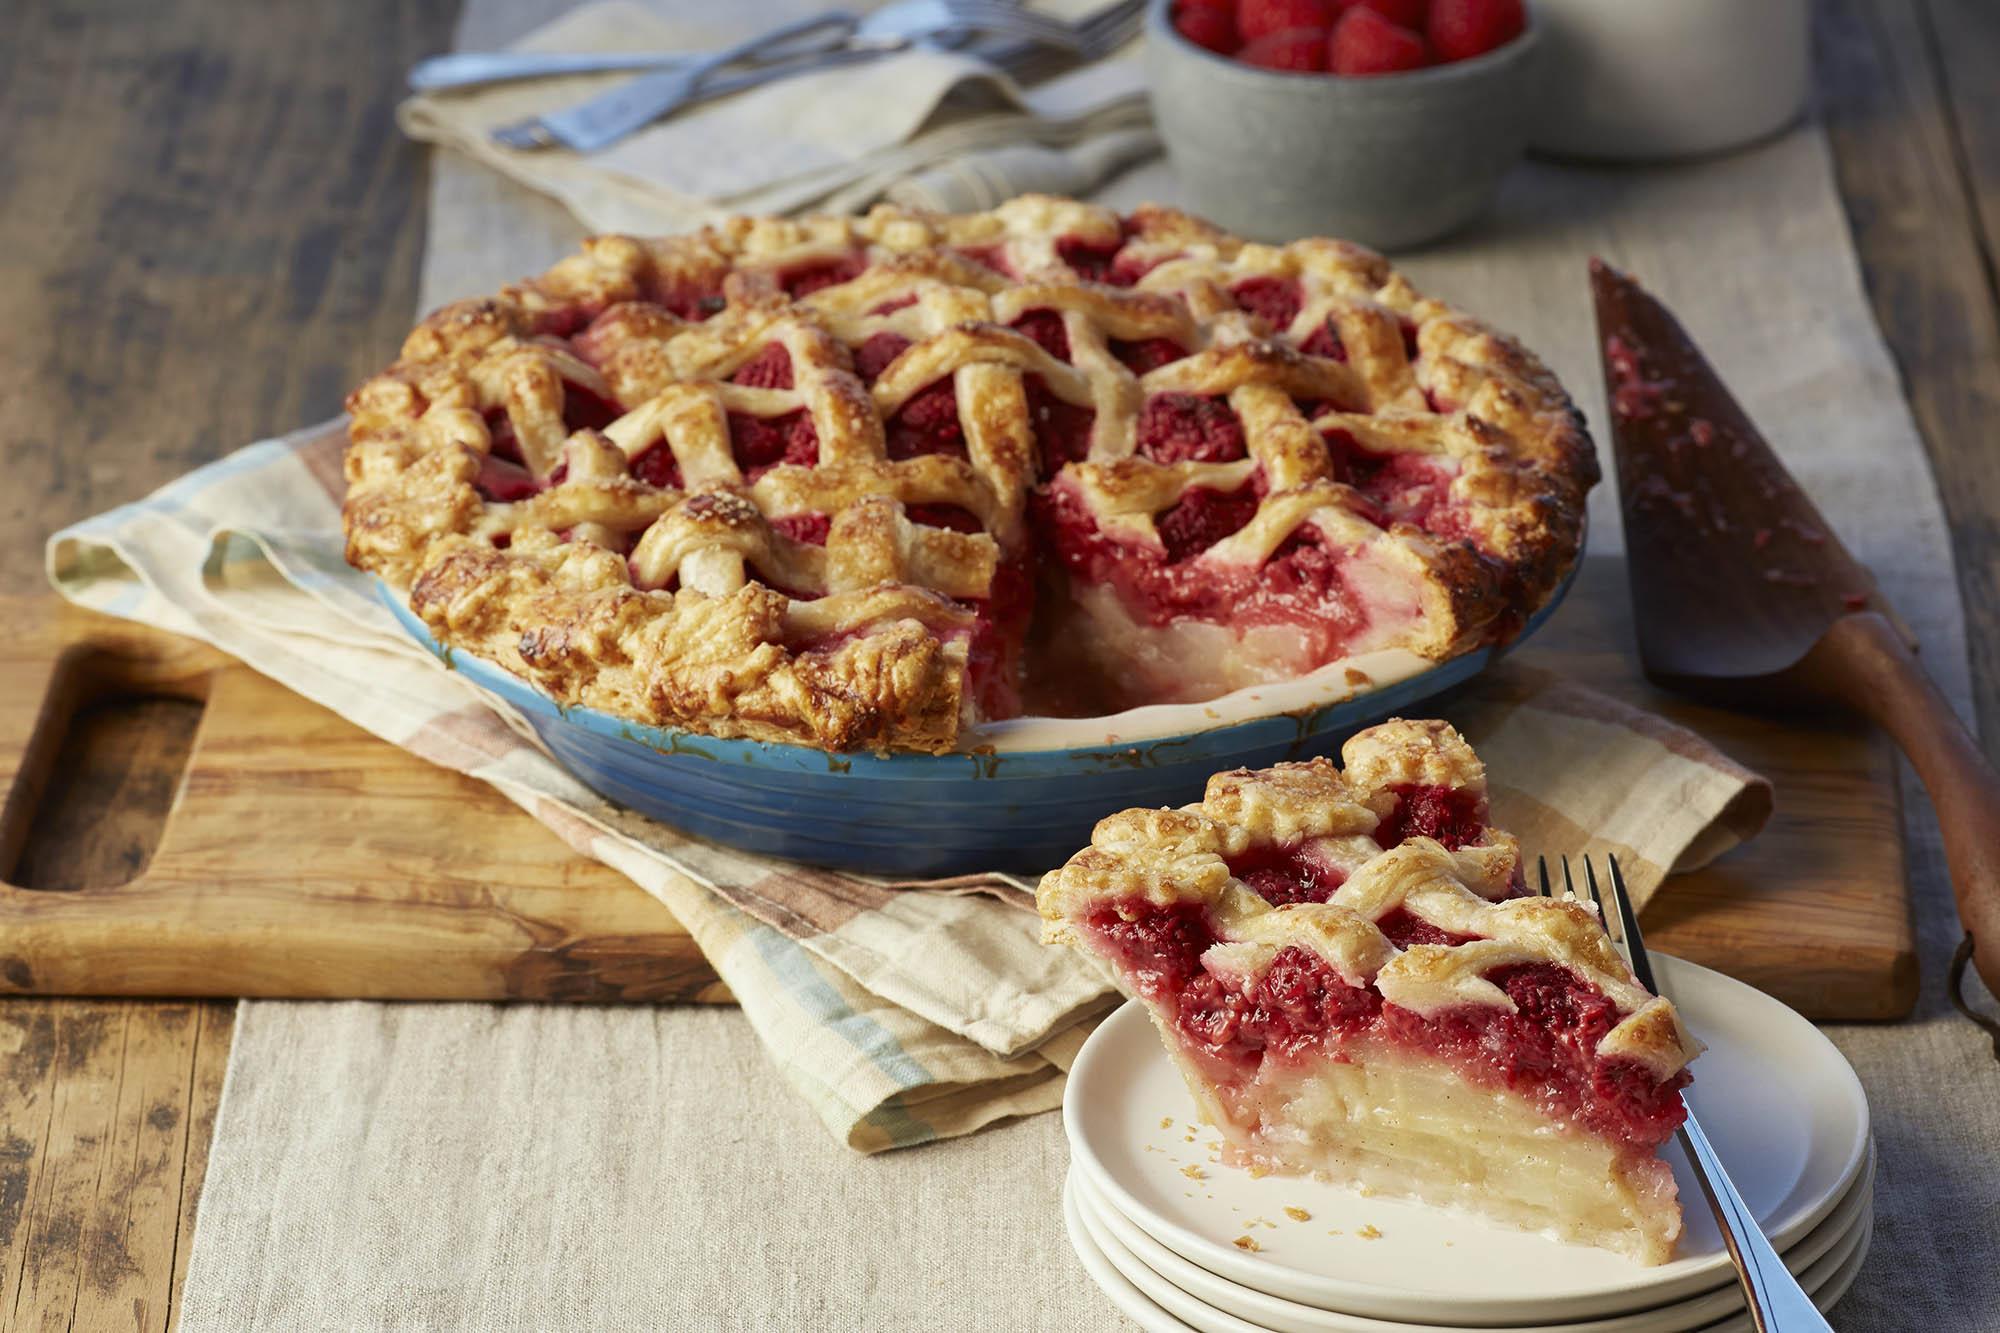 Pear Raspberry Cardamom Spiced Pie